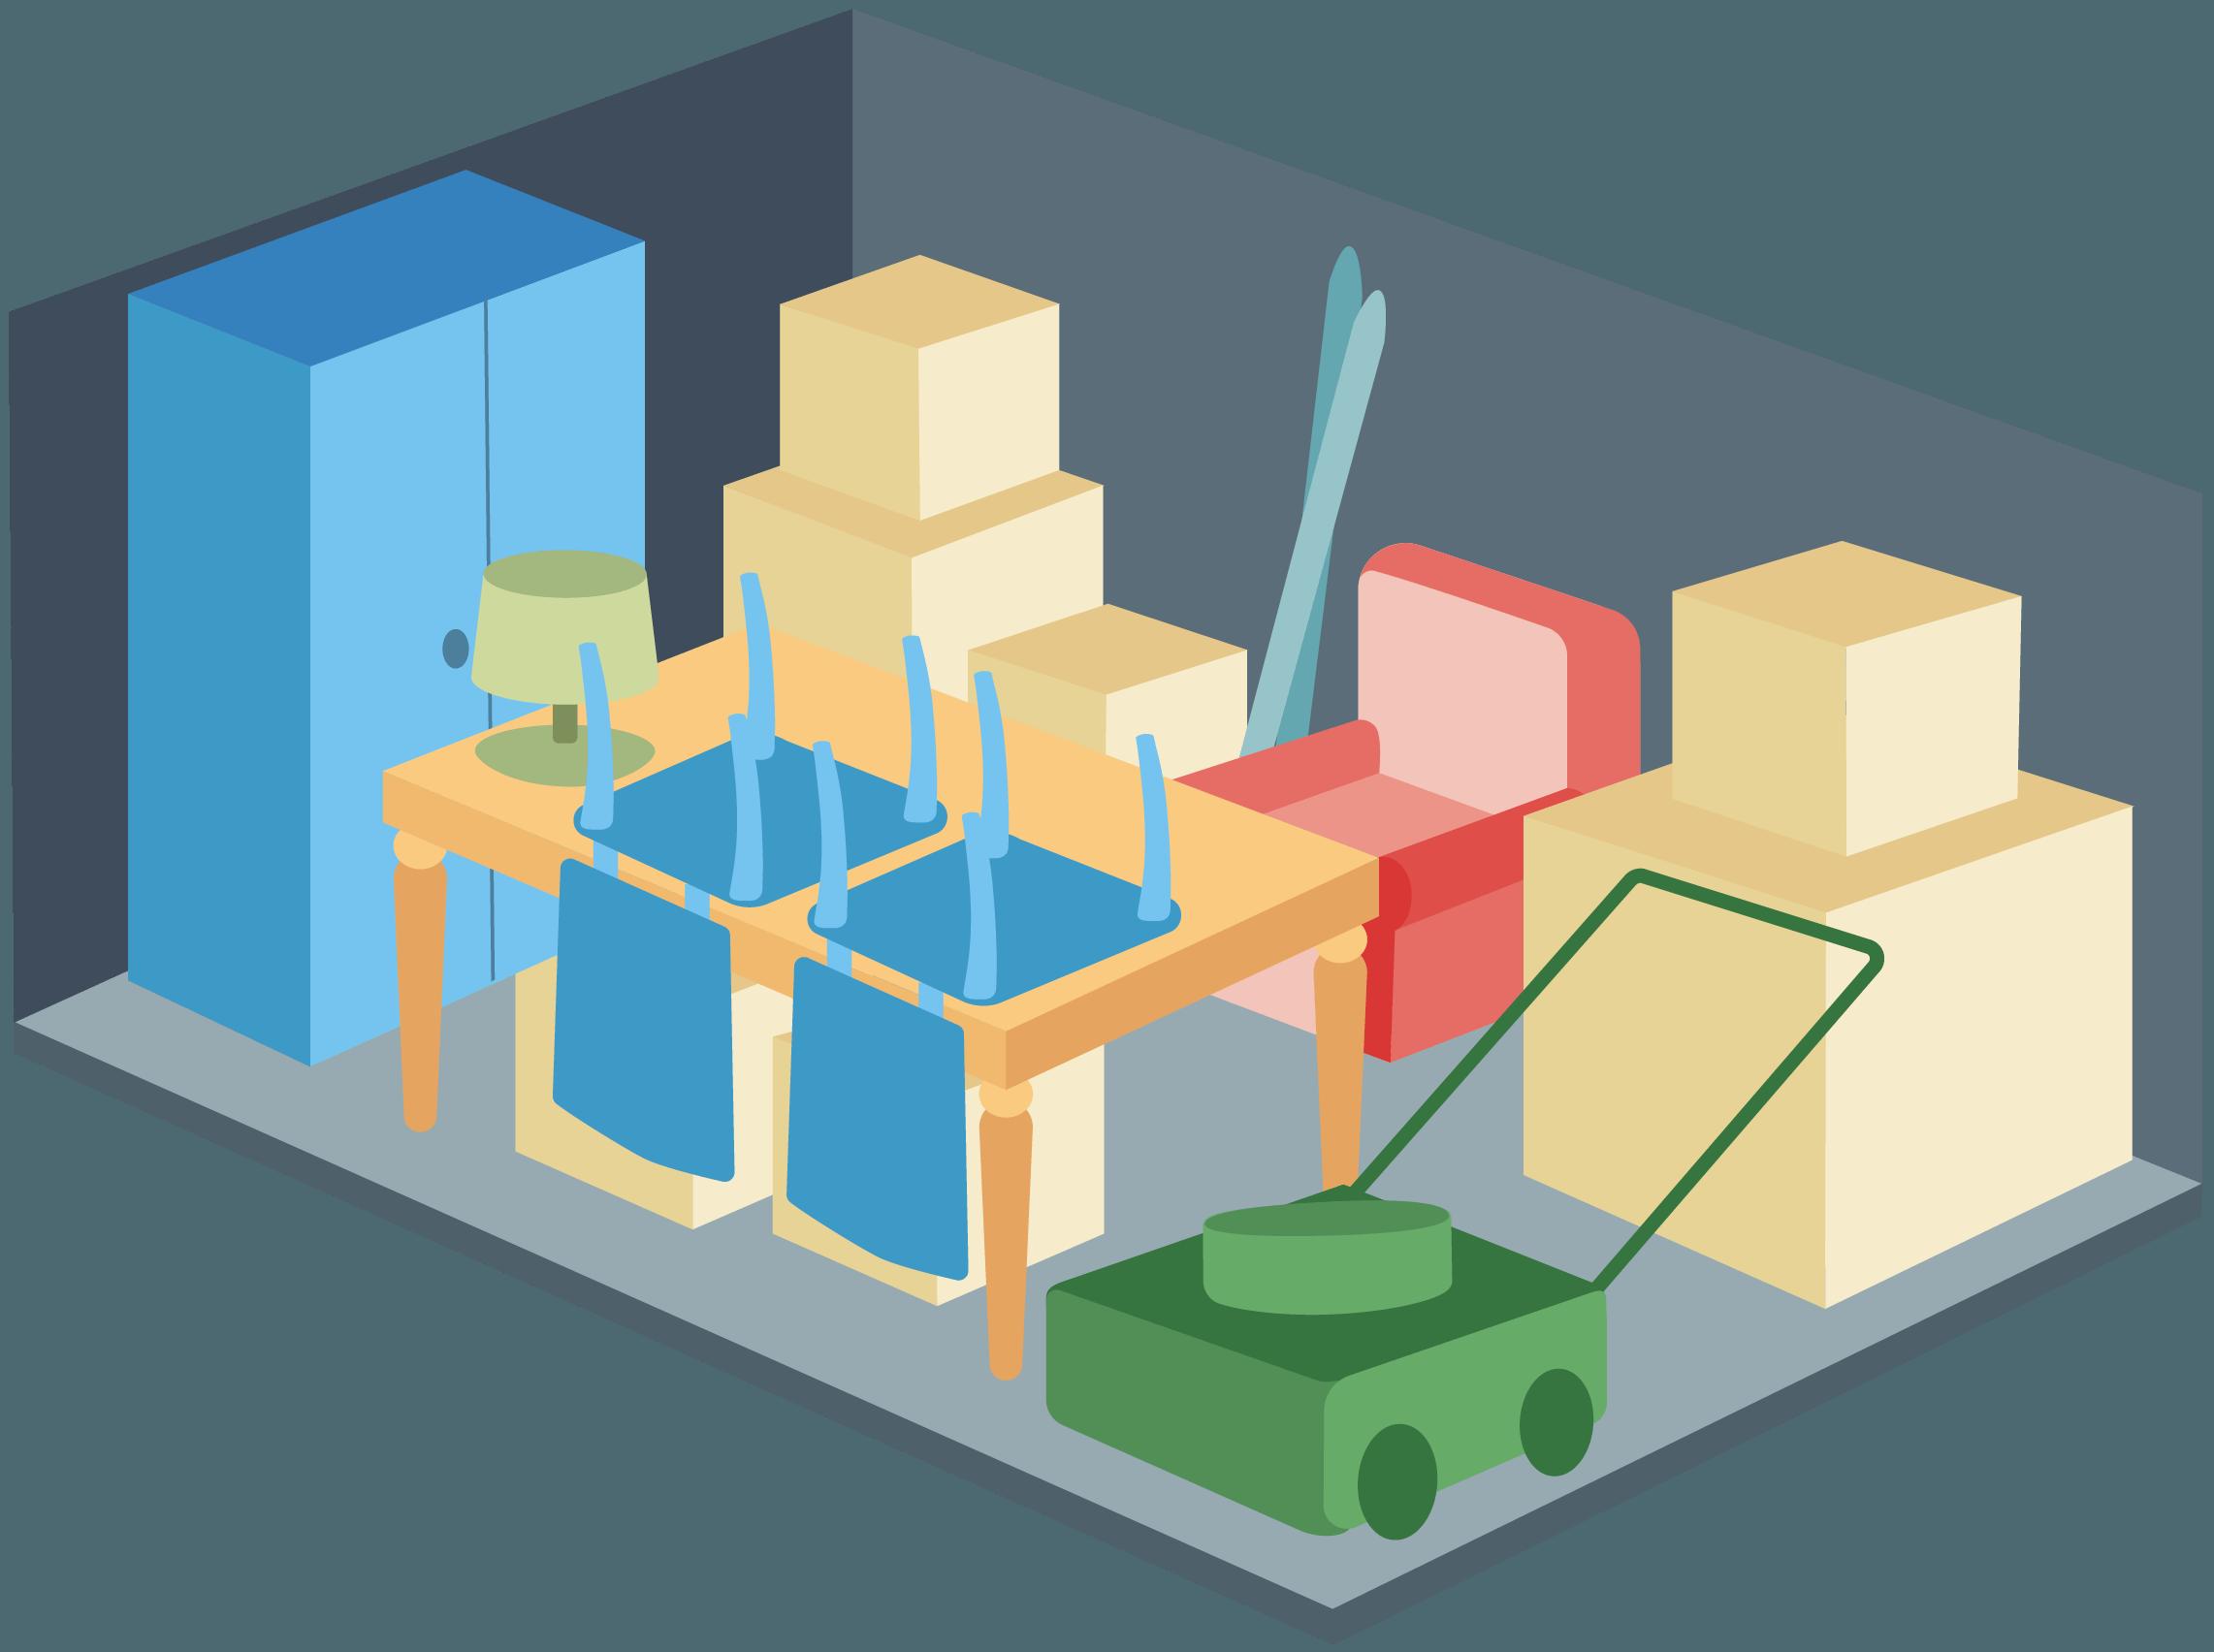 10x15 Storage Units